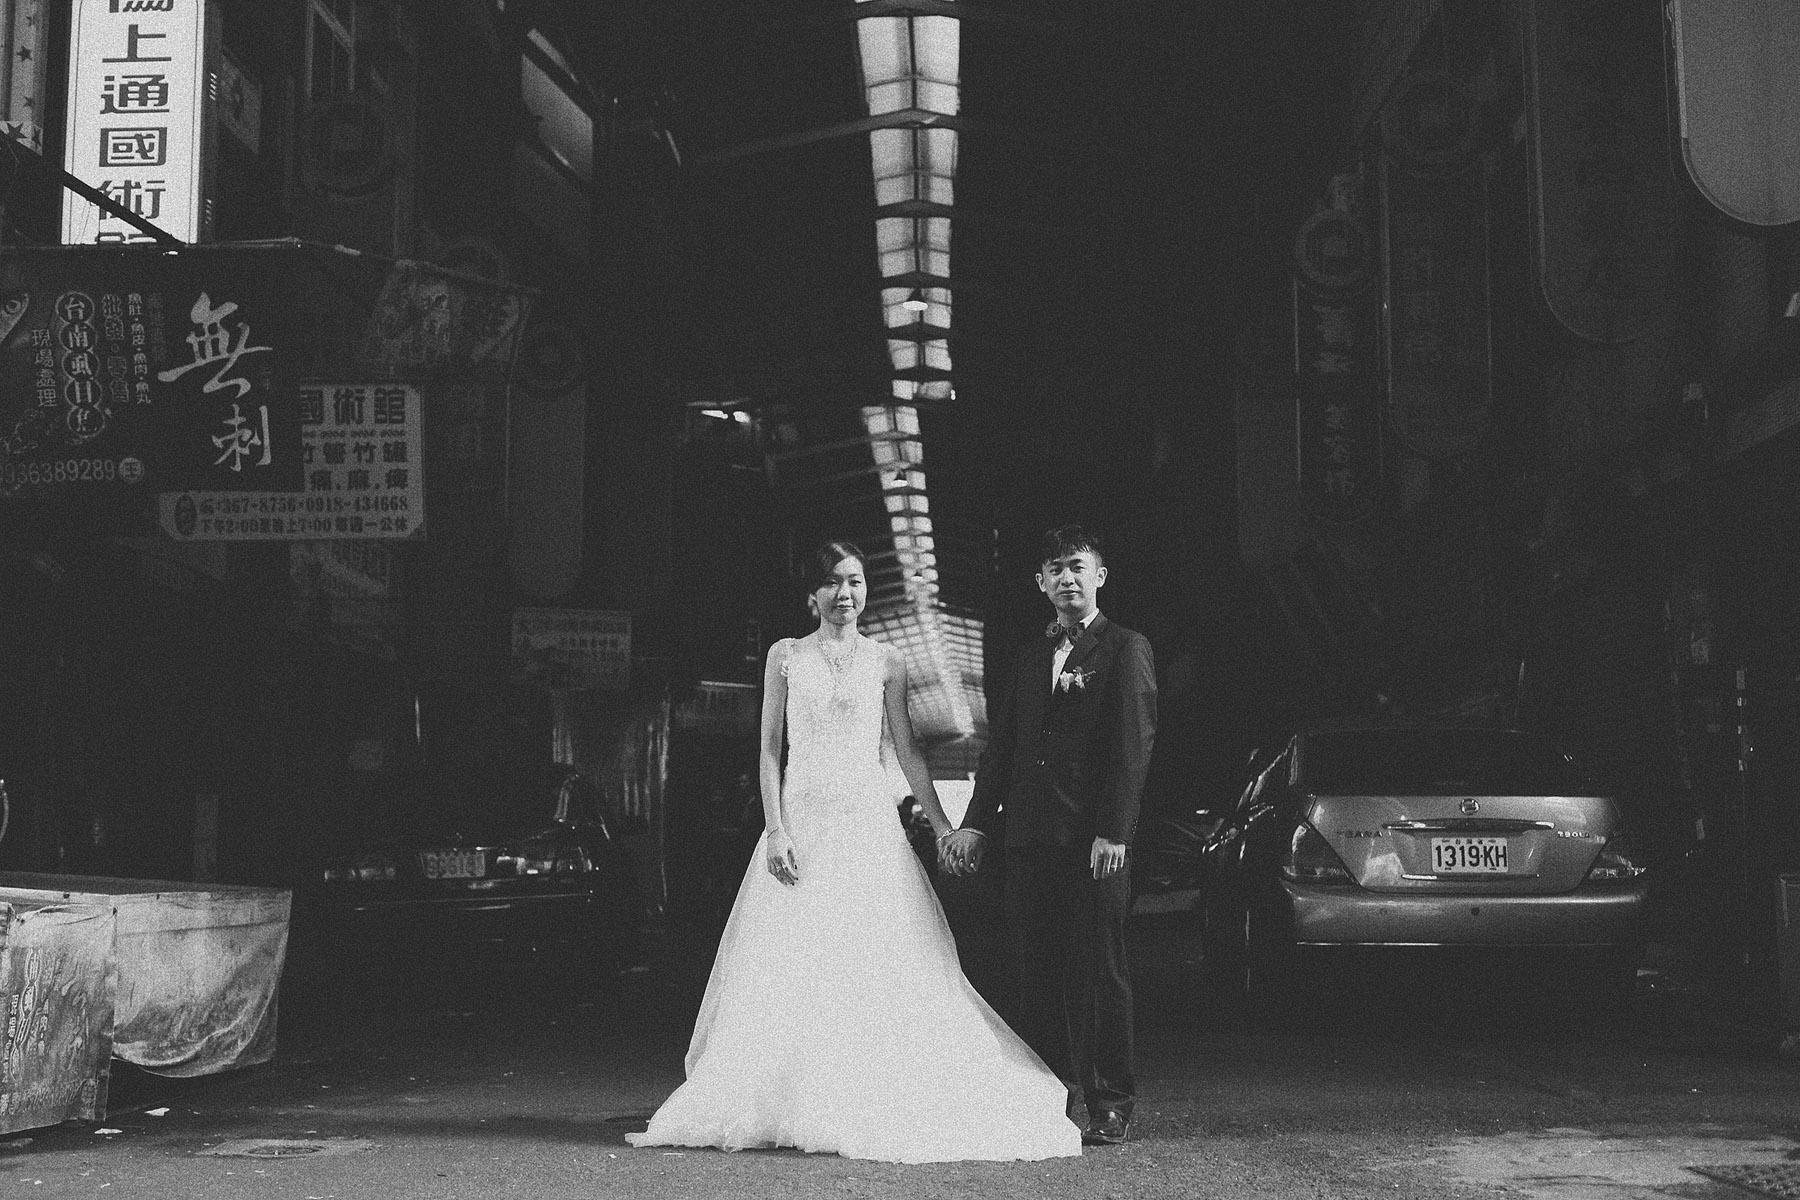 底片婚攝,黑白,電影風格,婚禮紀錄,婚攝,婚禮攝影,婚禮攝影師推薦